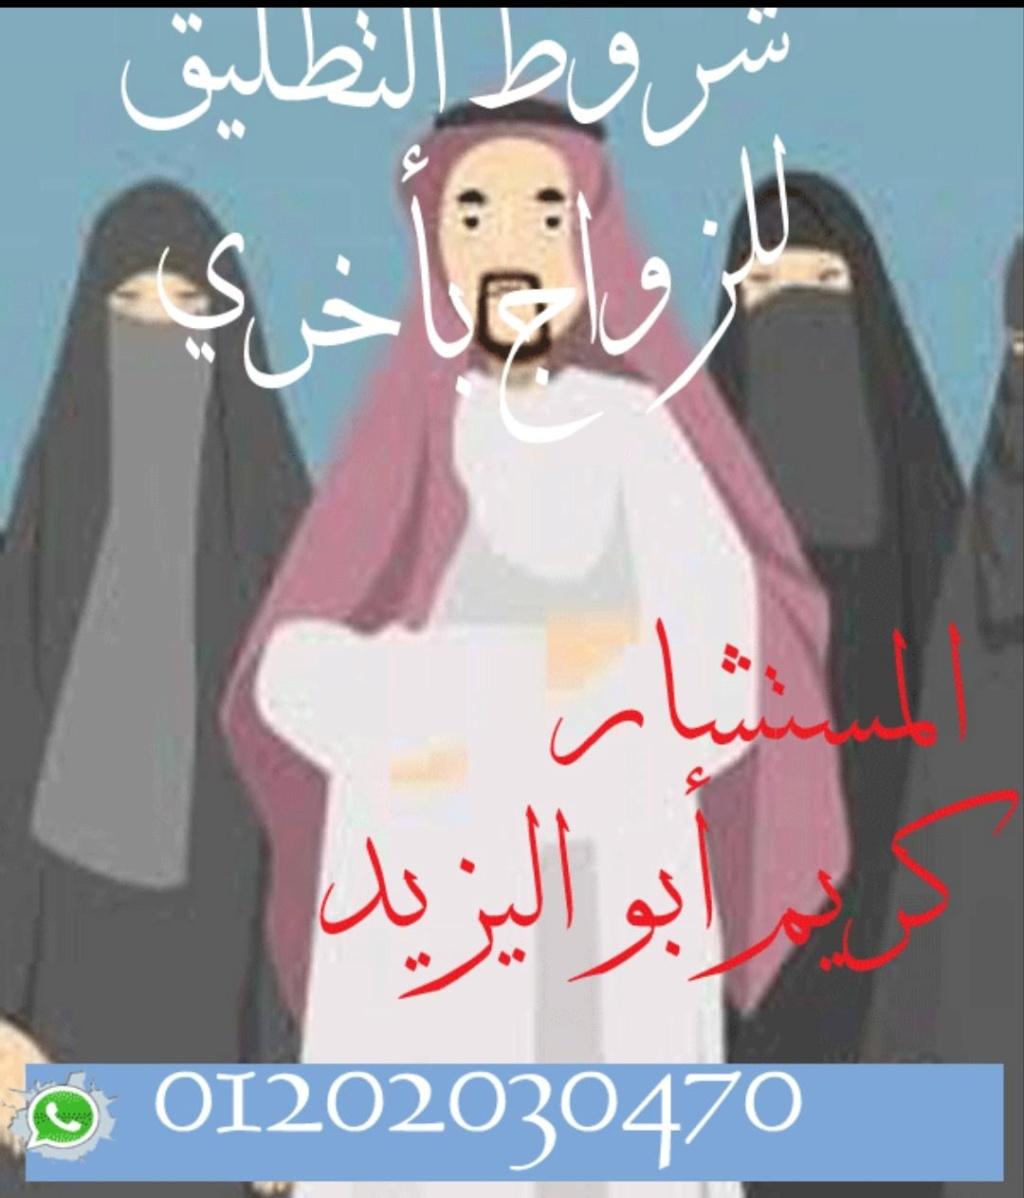 افضل محامي في القاهره والاسكندريه(كريم ابو اليزيد)01202030470 Img-2163